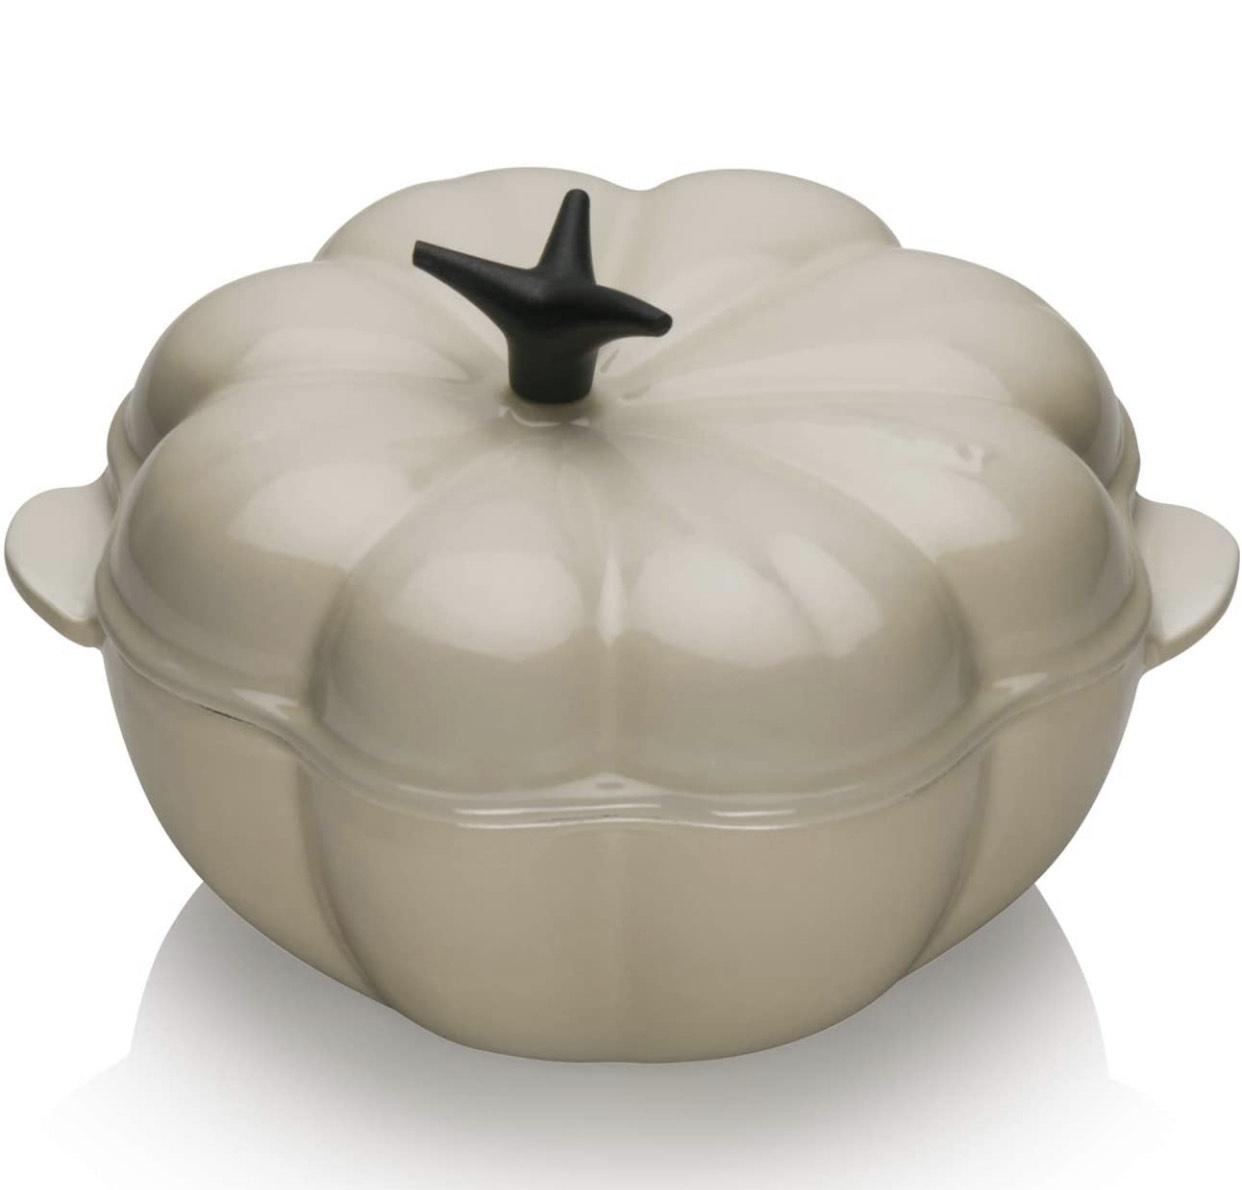 LE CREUSET Pumpkin Casserole with Lid, Cast iron, Diameter 22 cm £85.26 at Amazon